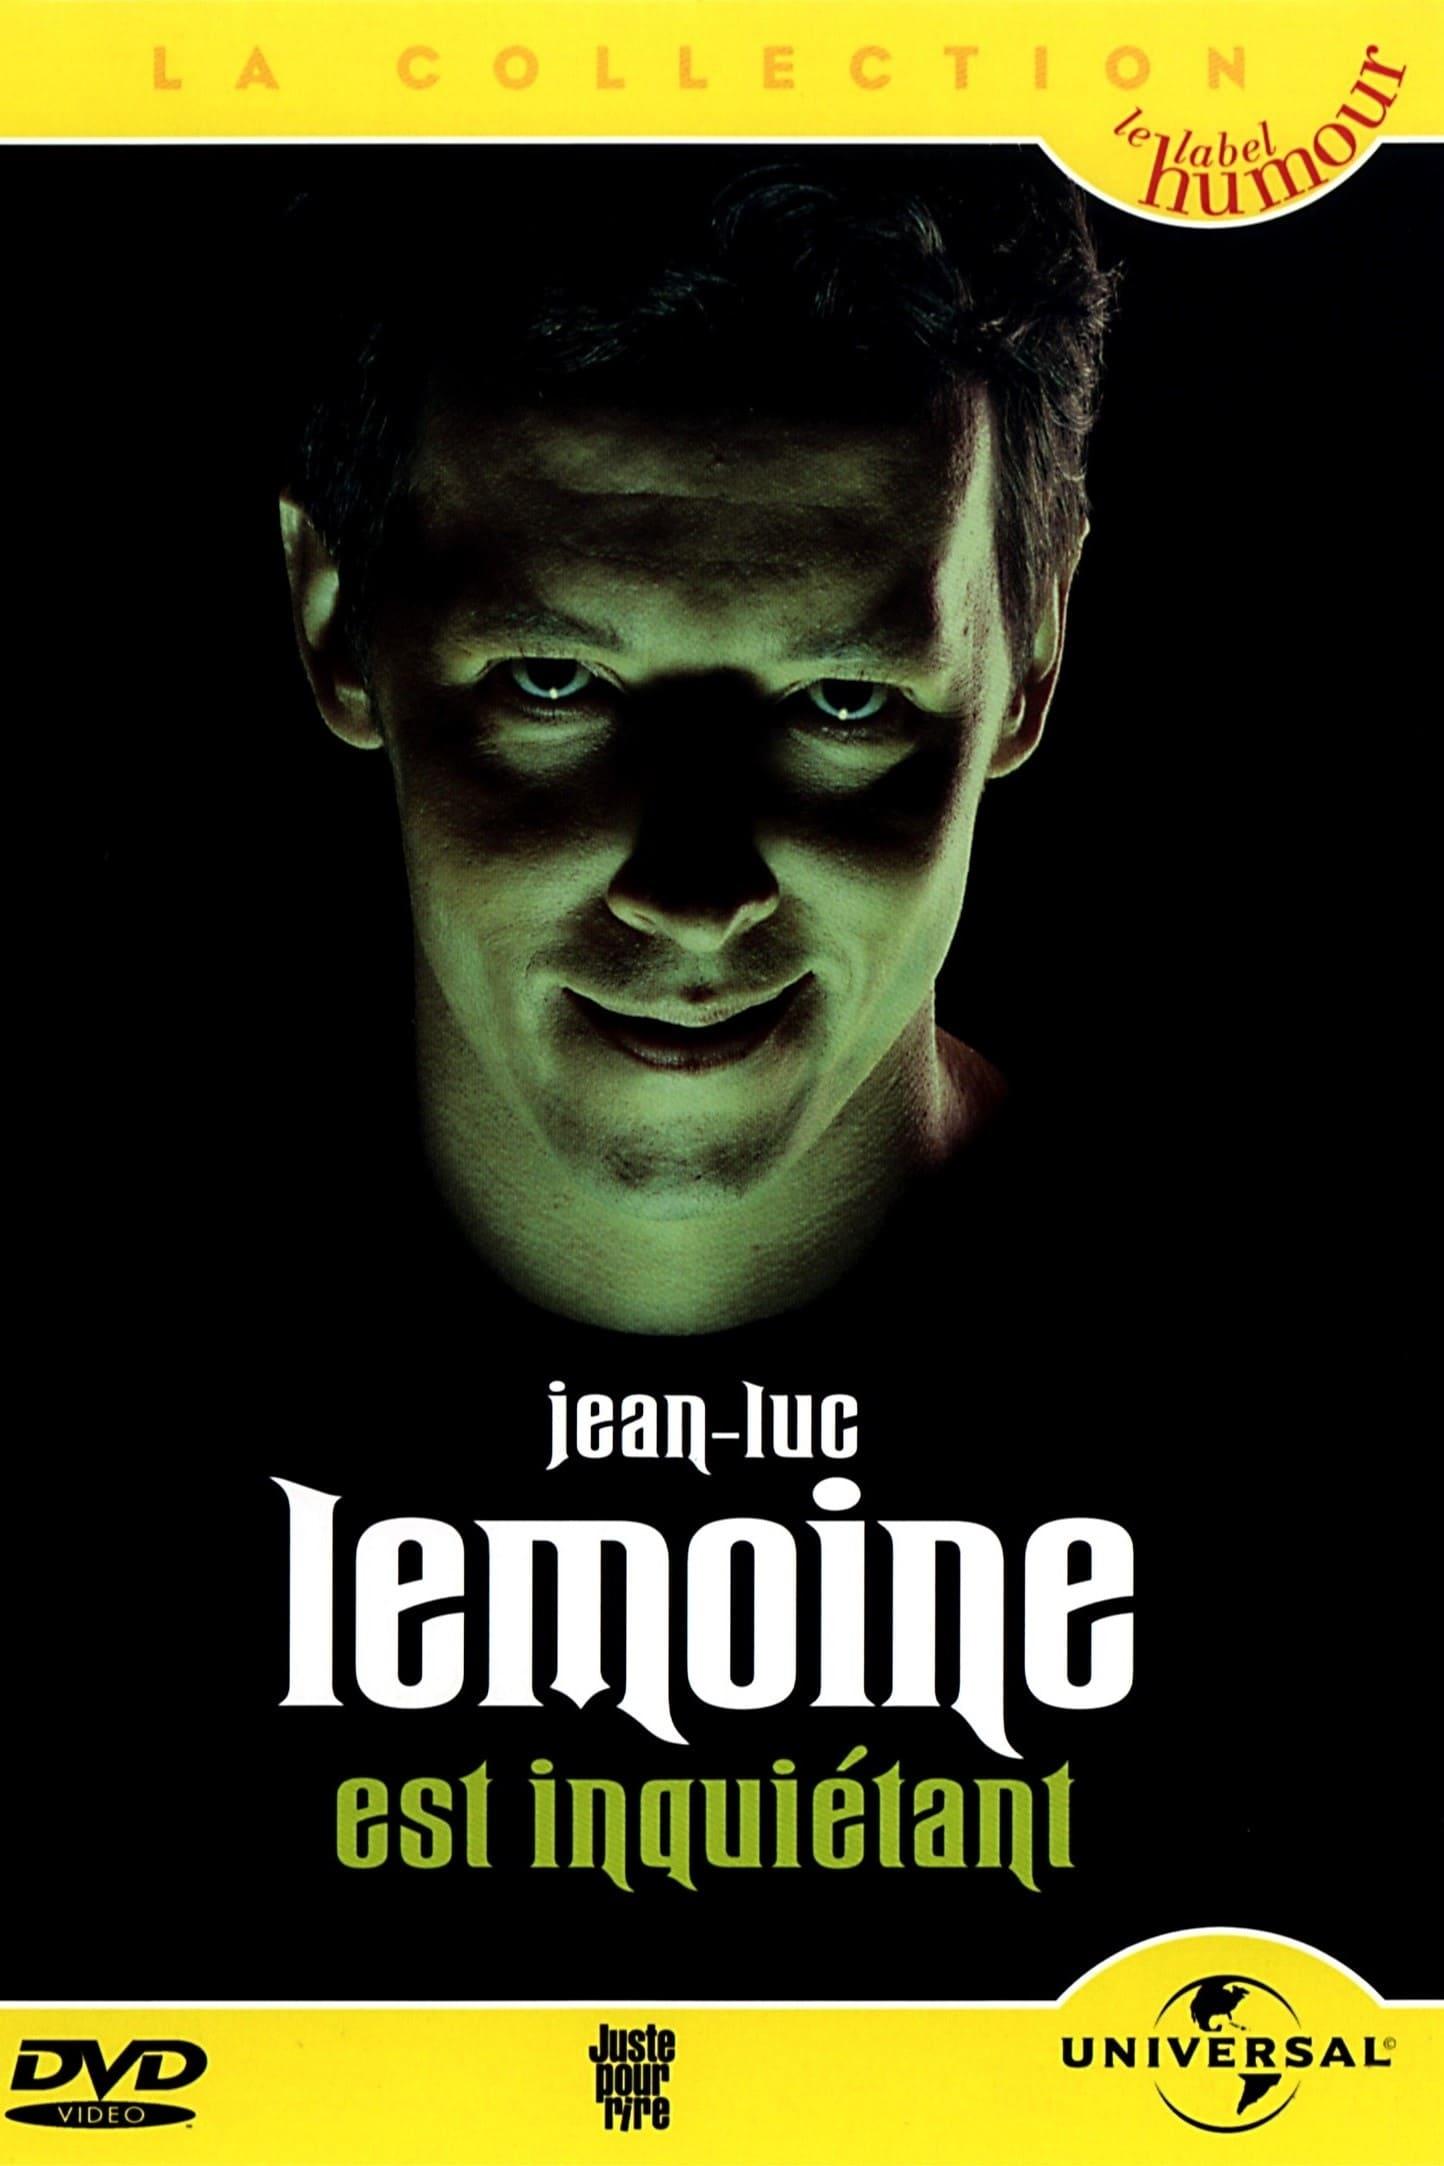 Jean-Luc Lemoine est inquiétant